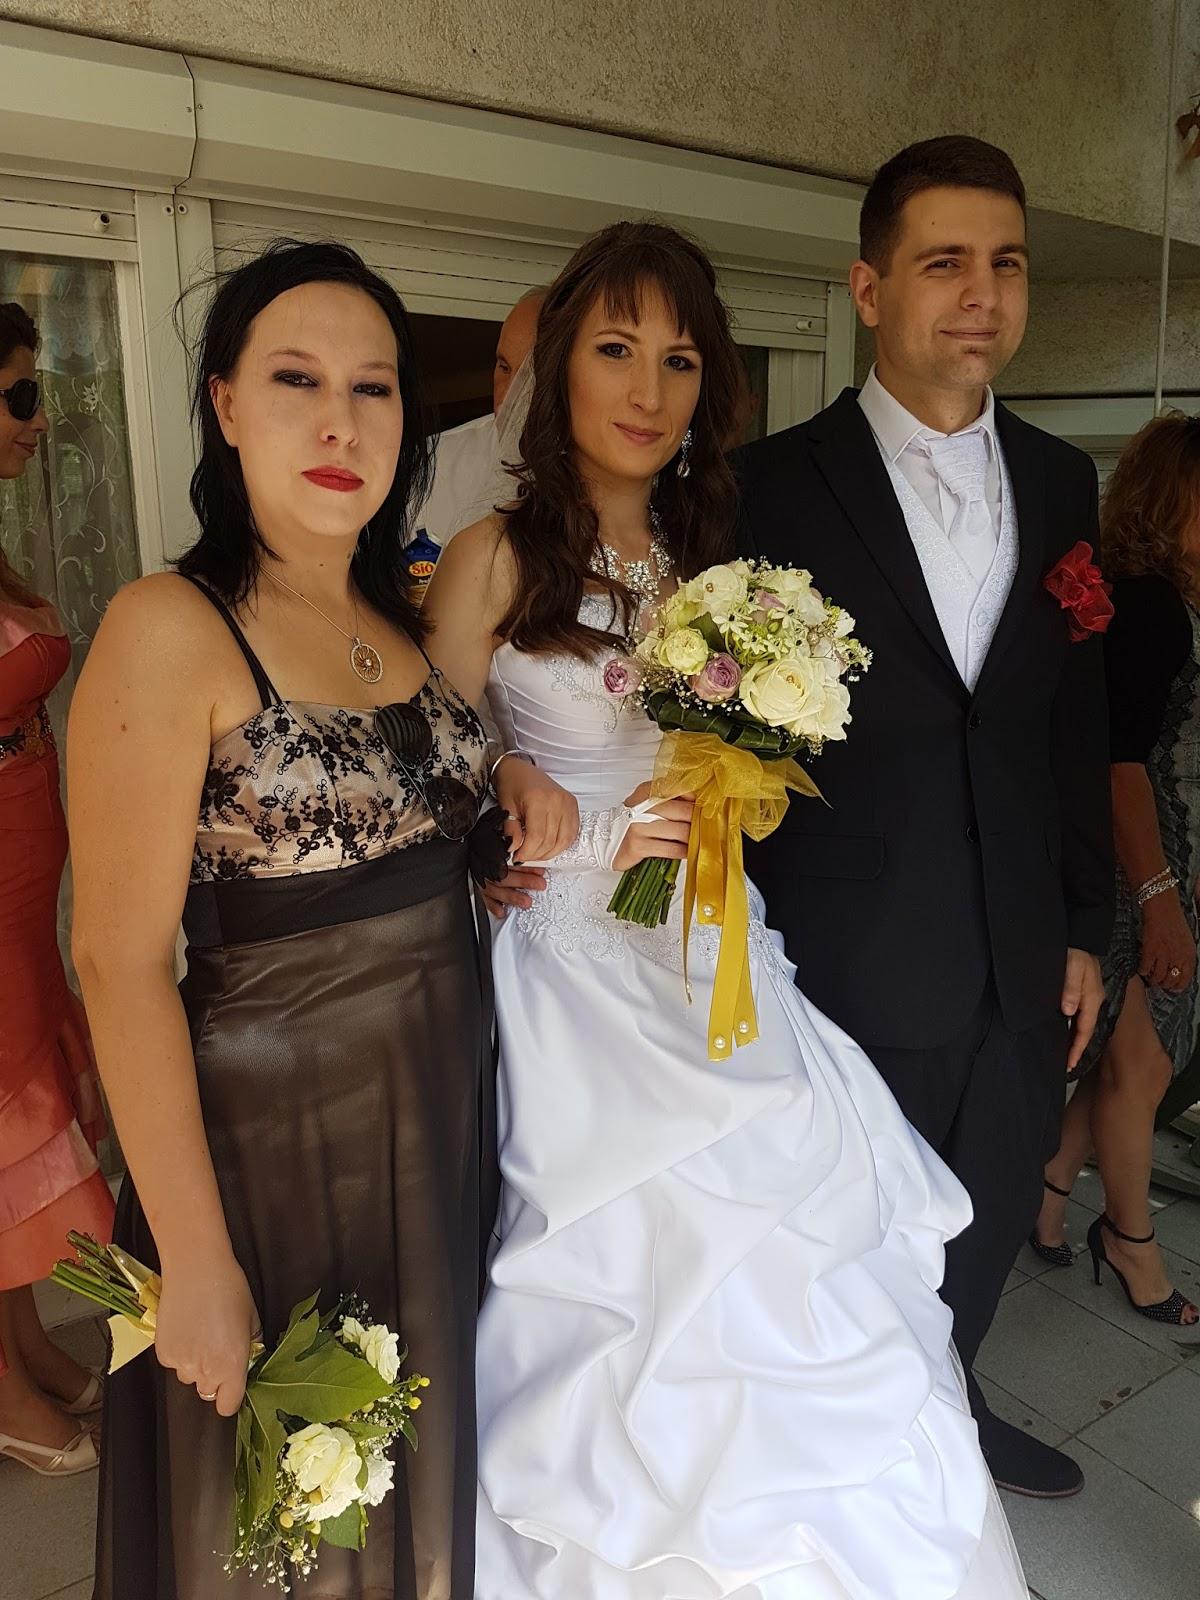 randevúzni a nővéred volt férjével ghána afrikai társkereső